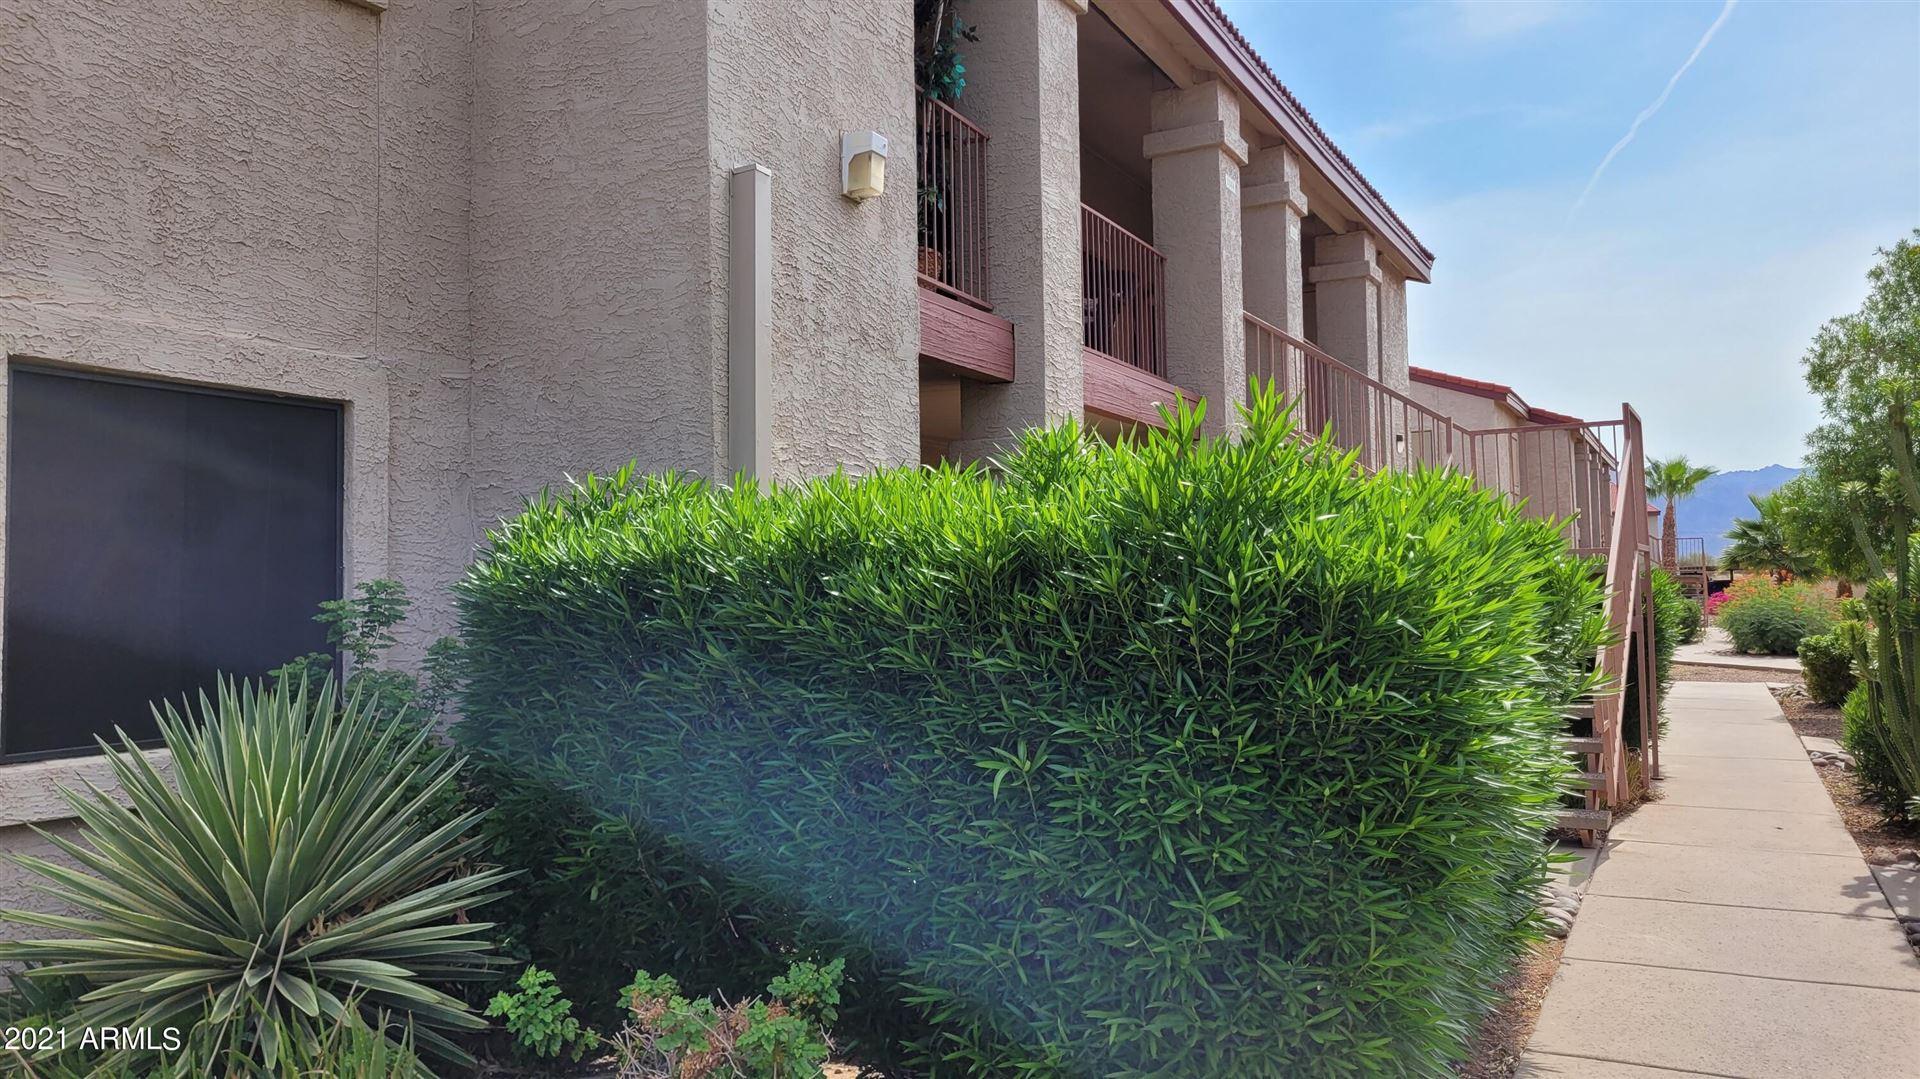 Photo of 1440 N IDAHO Road #1044, Apache Junction, AZ 85119 (MLS # 6268964)